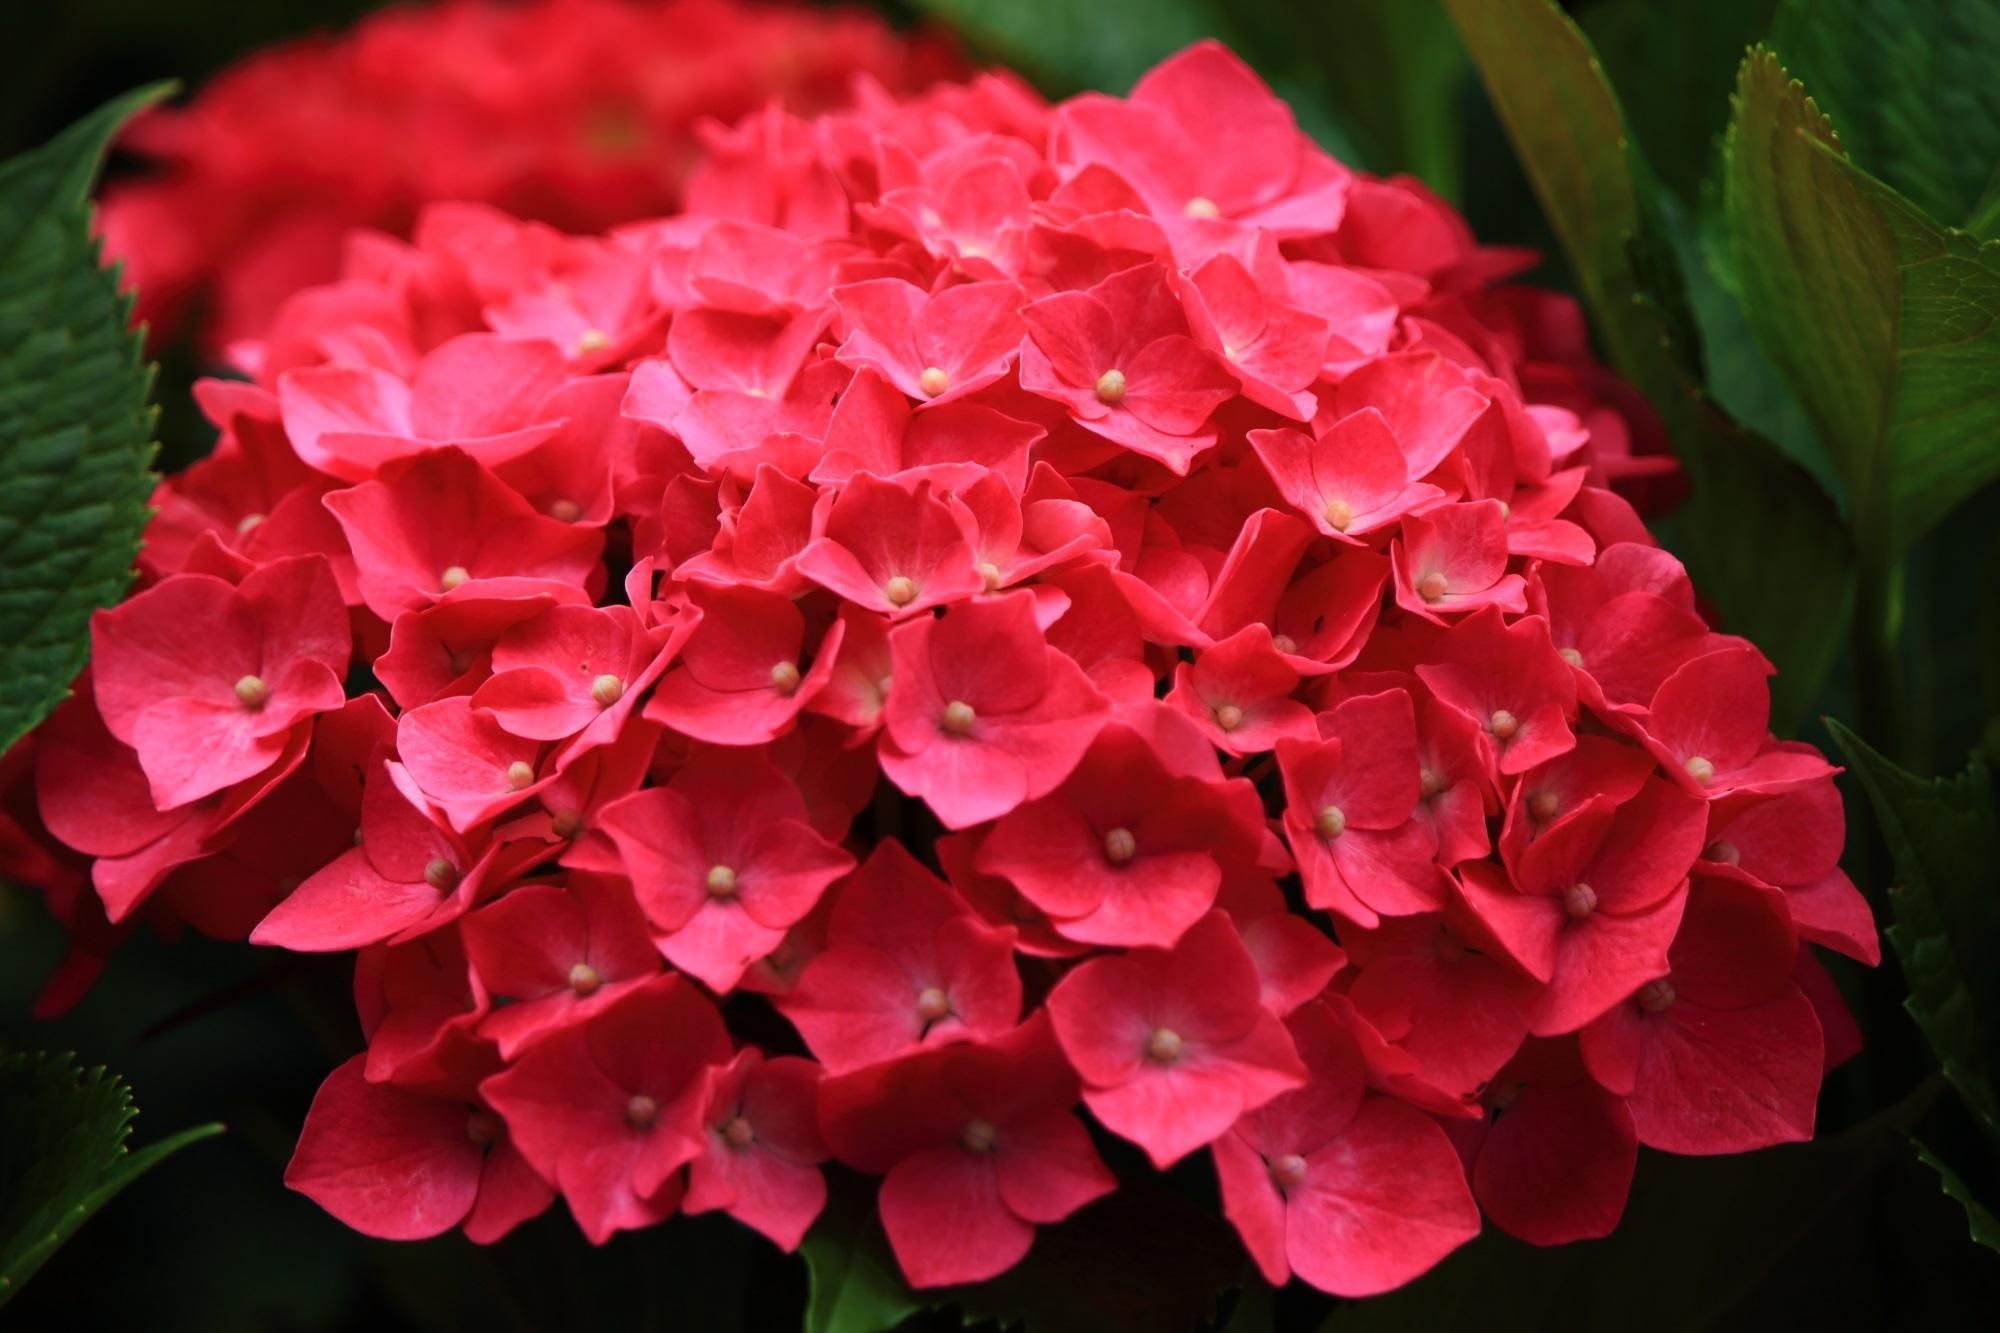 三室戸寺の鮮烈な色合いの濃いピンクの紫陽花